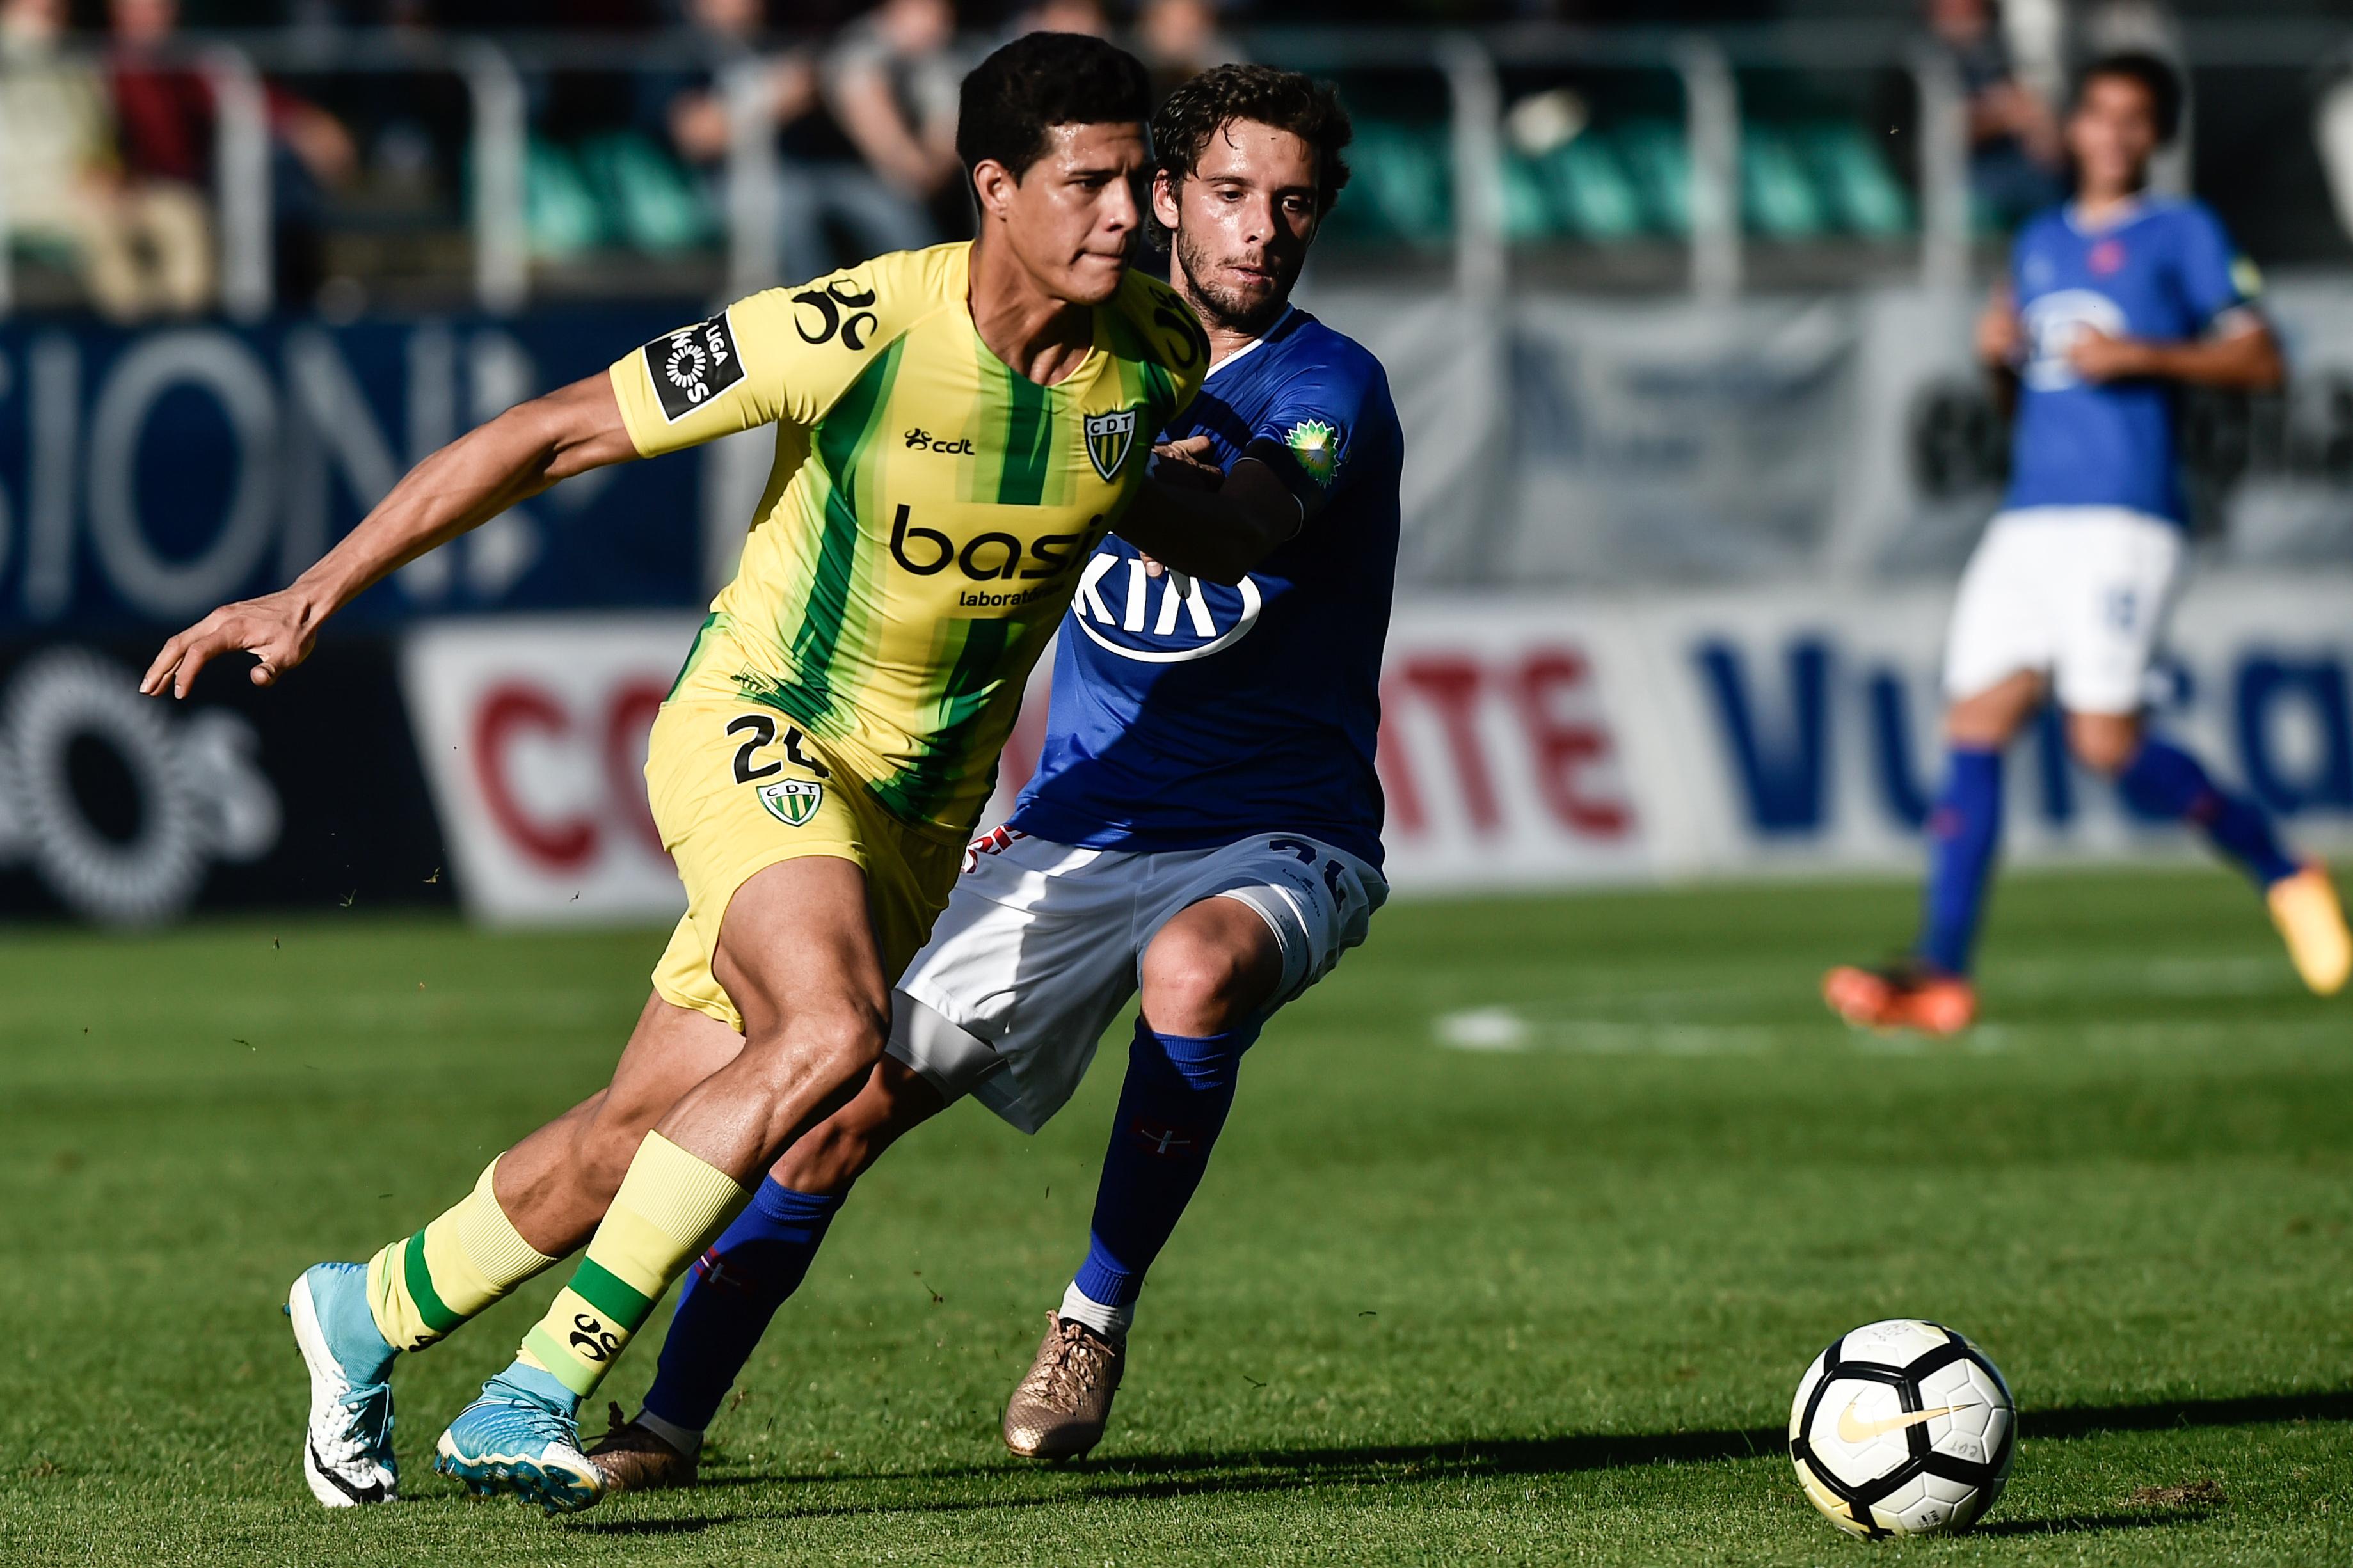 Tondela soma segunda vitória na I Liga, ao bater Belenenses